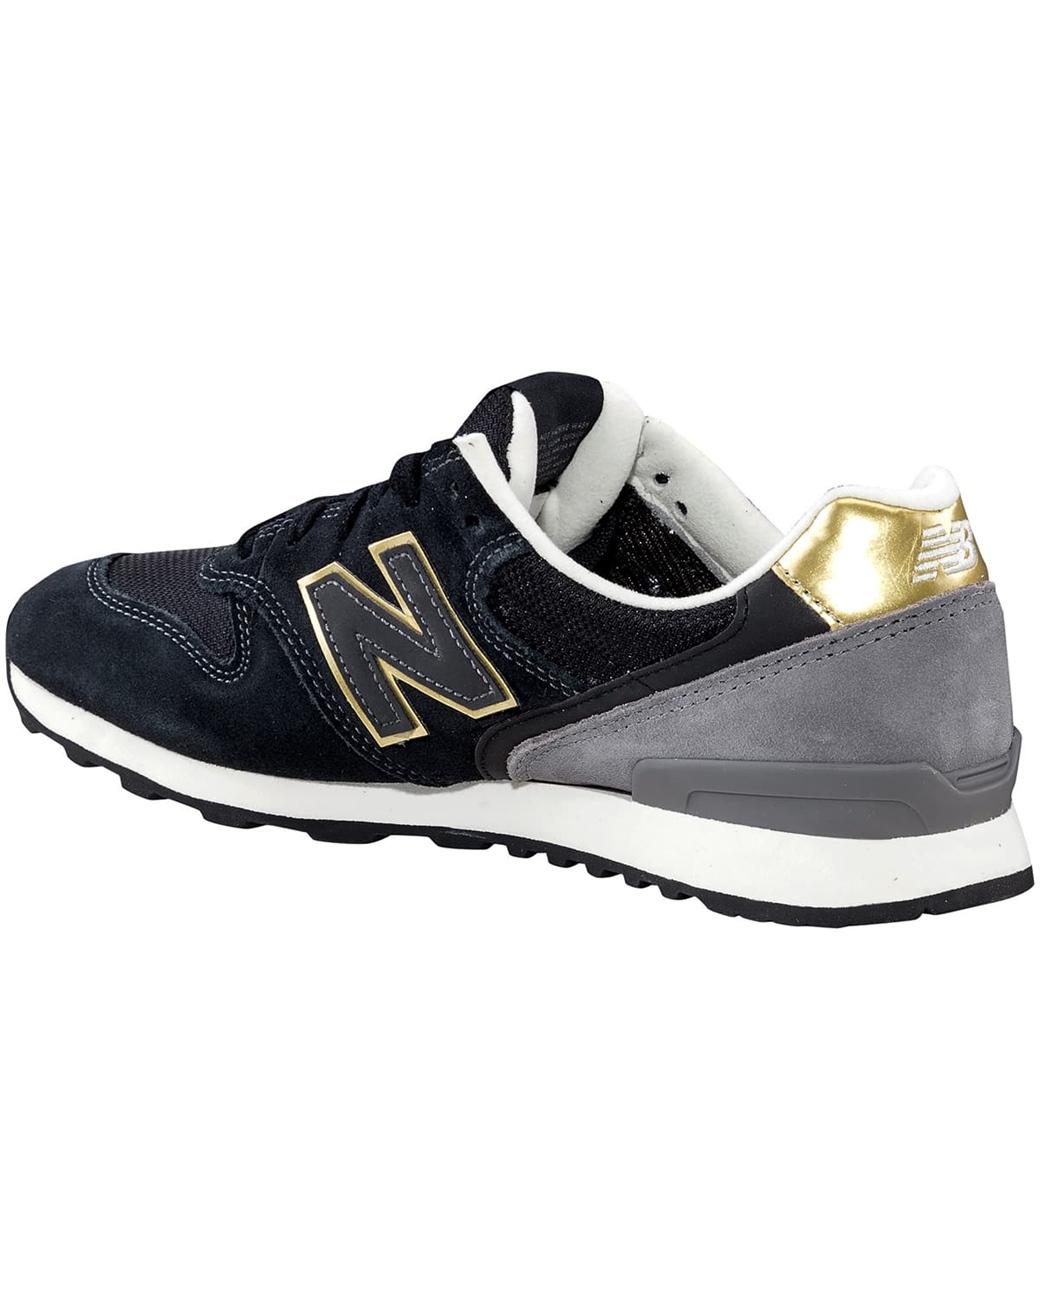 New Balance WR 996 señora Negro Oro Mujer cortos señora 996 marca de zapatillas d02b44